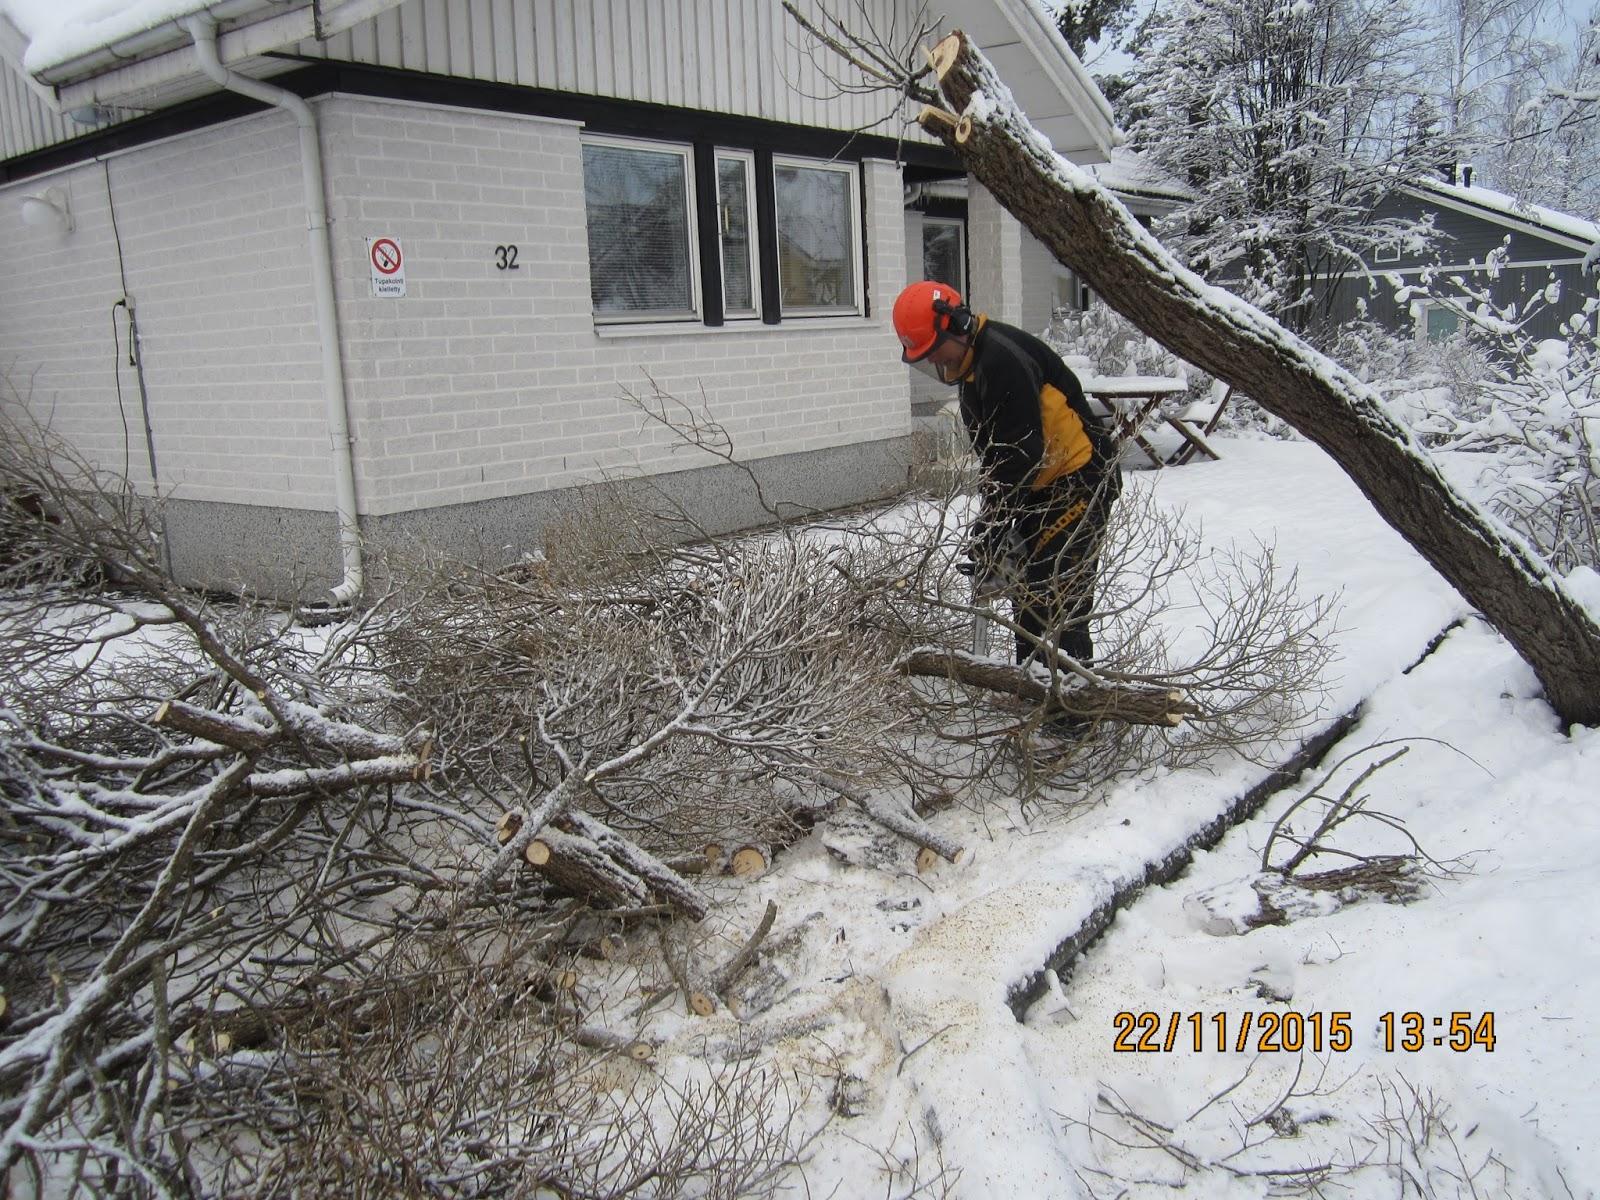 Talkkaripalvelut lumenluonti puunkaato tavoitettavissa sähköpostin kautta Tampereella